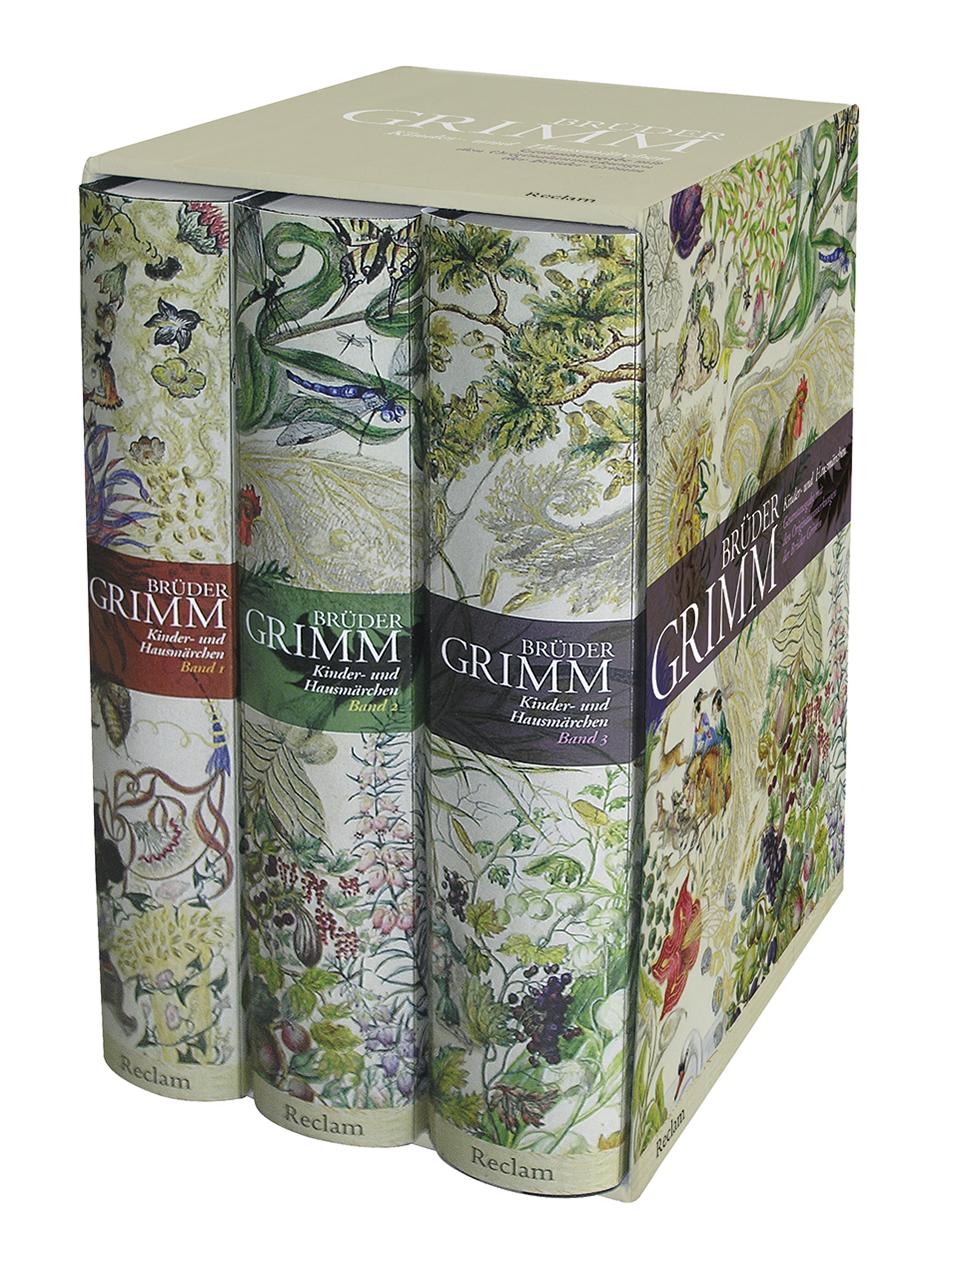 Kinder- und Hausmärchen - Brüder Grimm [3 Bände, Gebundene Ausgabe]